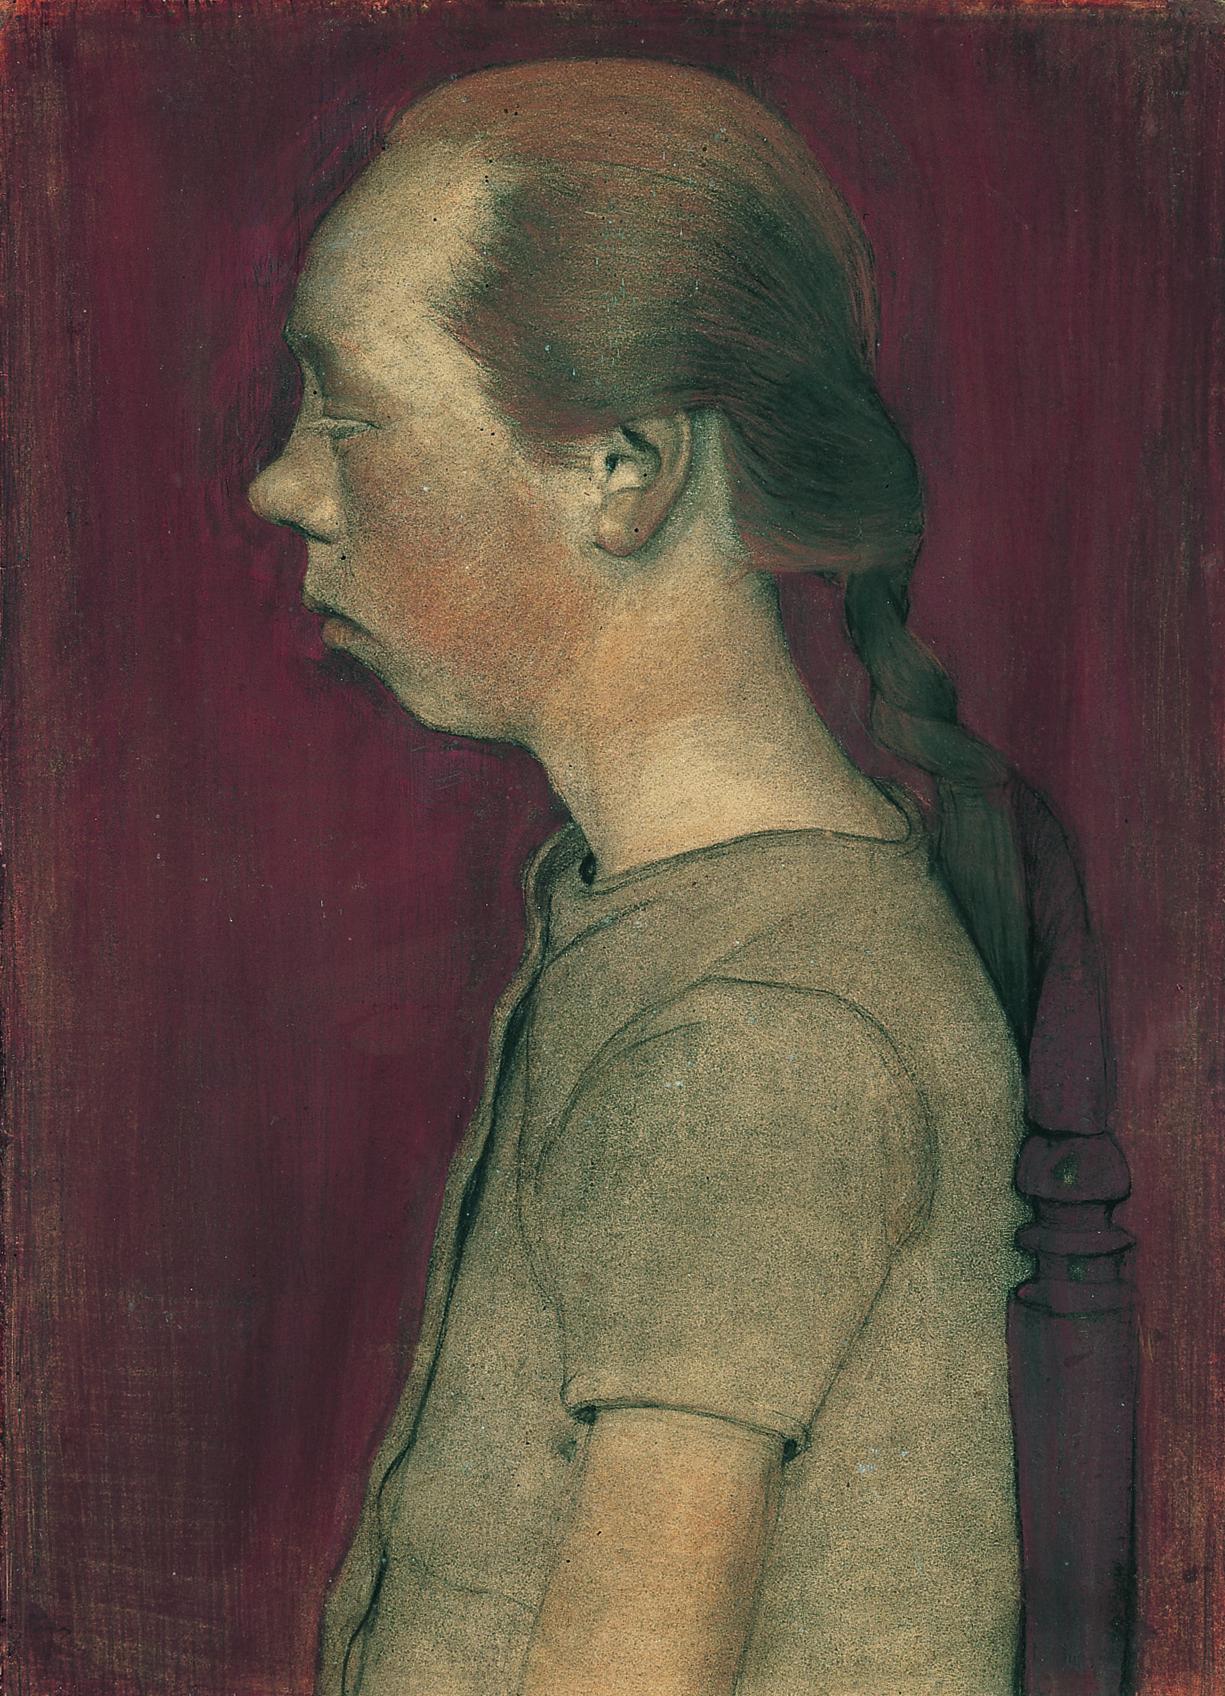 Paula Modersohn-Becker: Sitzendes Bauernmädchen im Profil nach link, 1899.